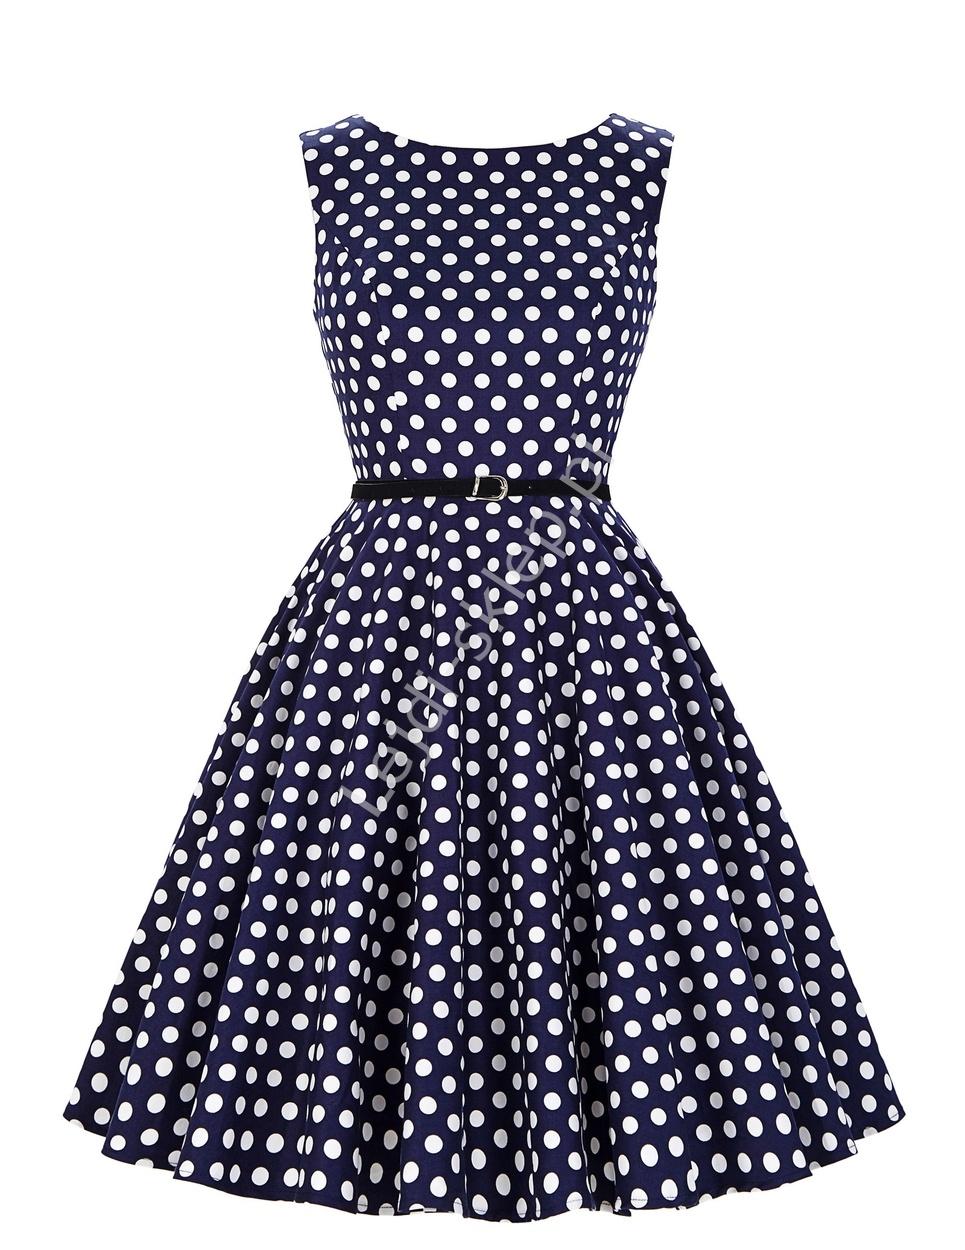 be2273e6bc344 Klasyczna sukienka pin- up w kropki PLUS SIZE   odzeż dla puszystych r. 34  - r.48, 6086